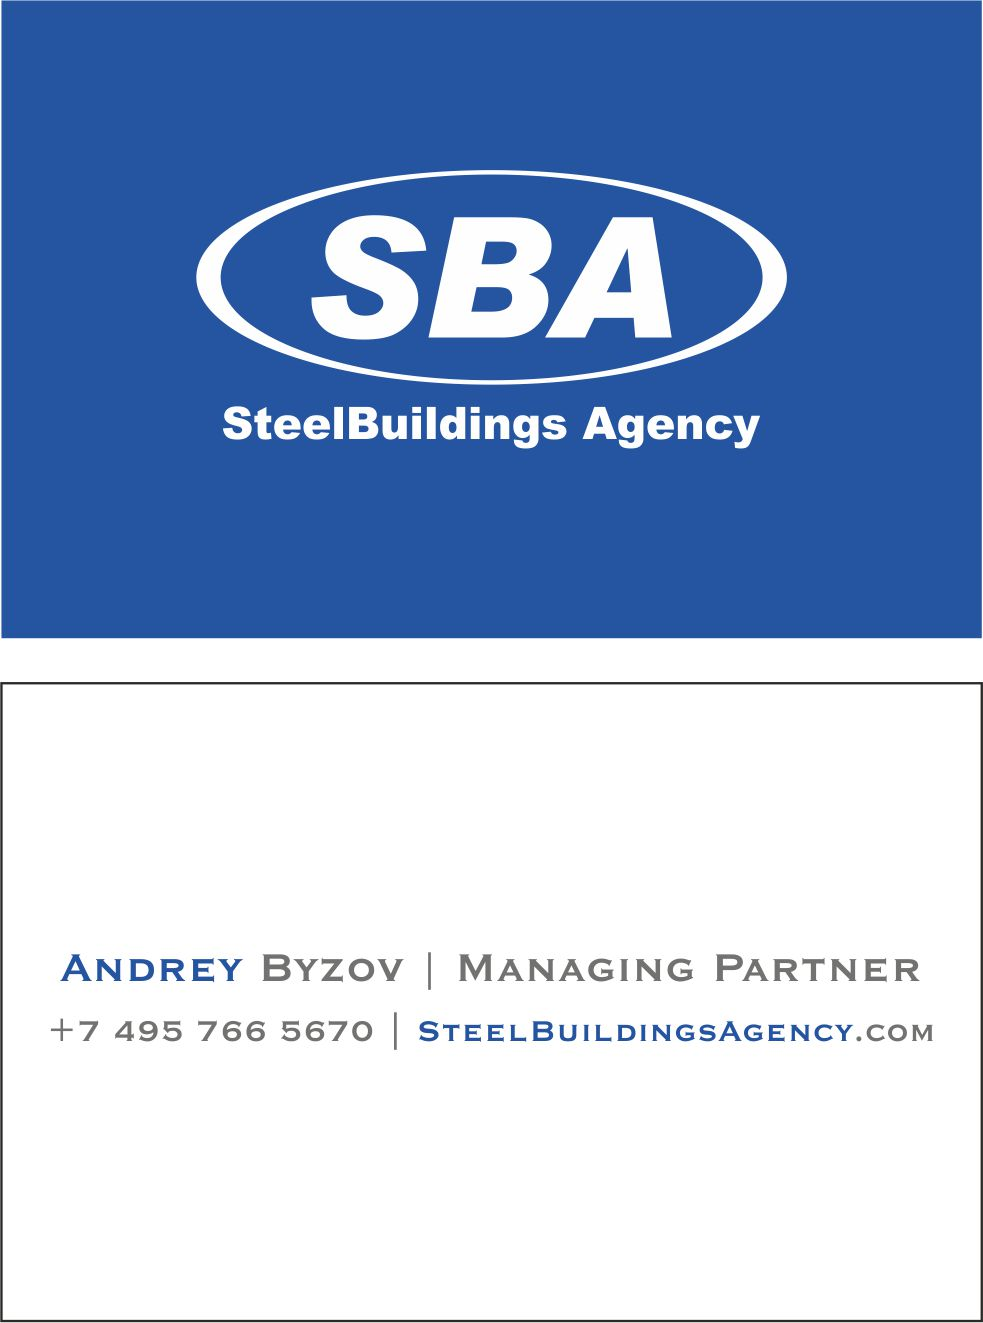 Больше ЛМК в России www.steelbuildings.ru 25 октября (СРД) 2018 года - ОКТЯБРЬский День БМП (Больших Московских Переговоров) Участников рынка МеталлоСтроительства.